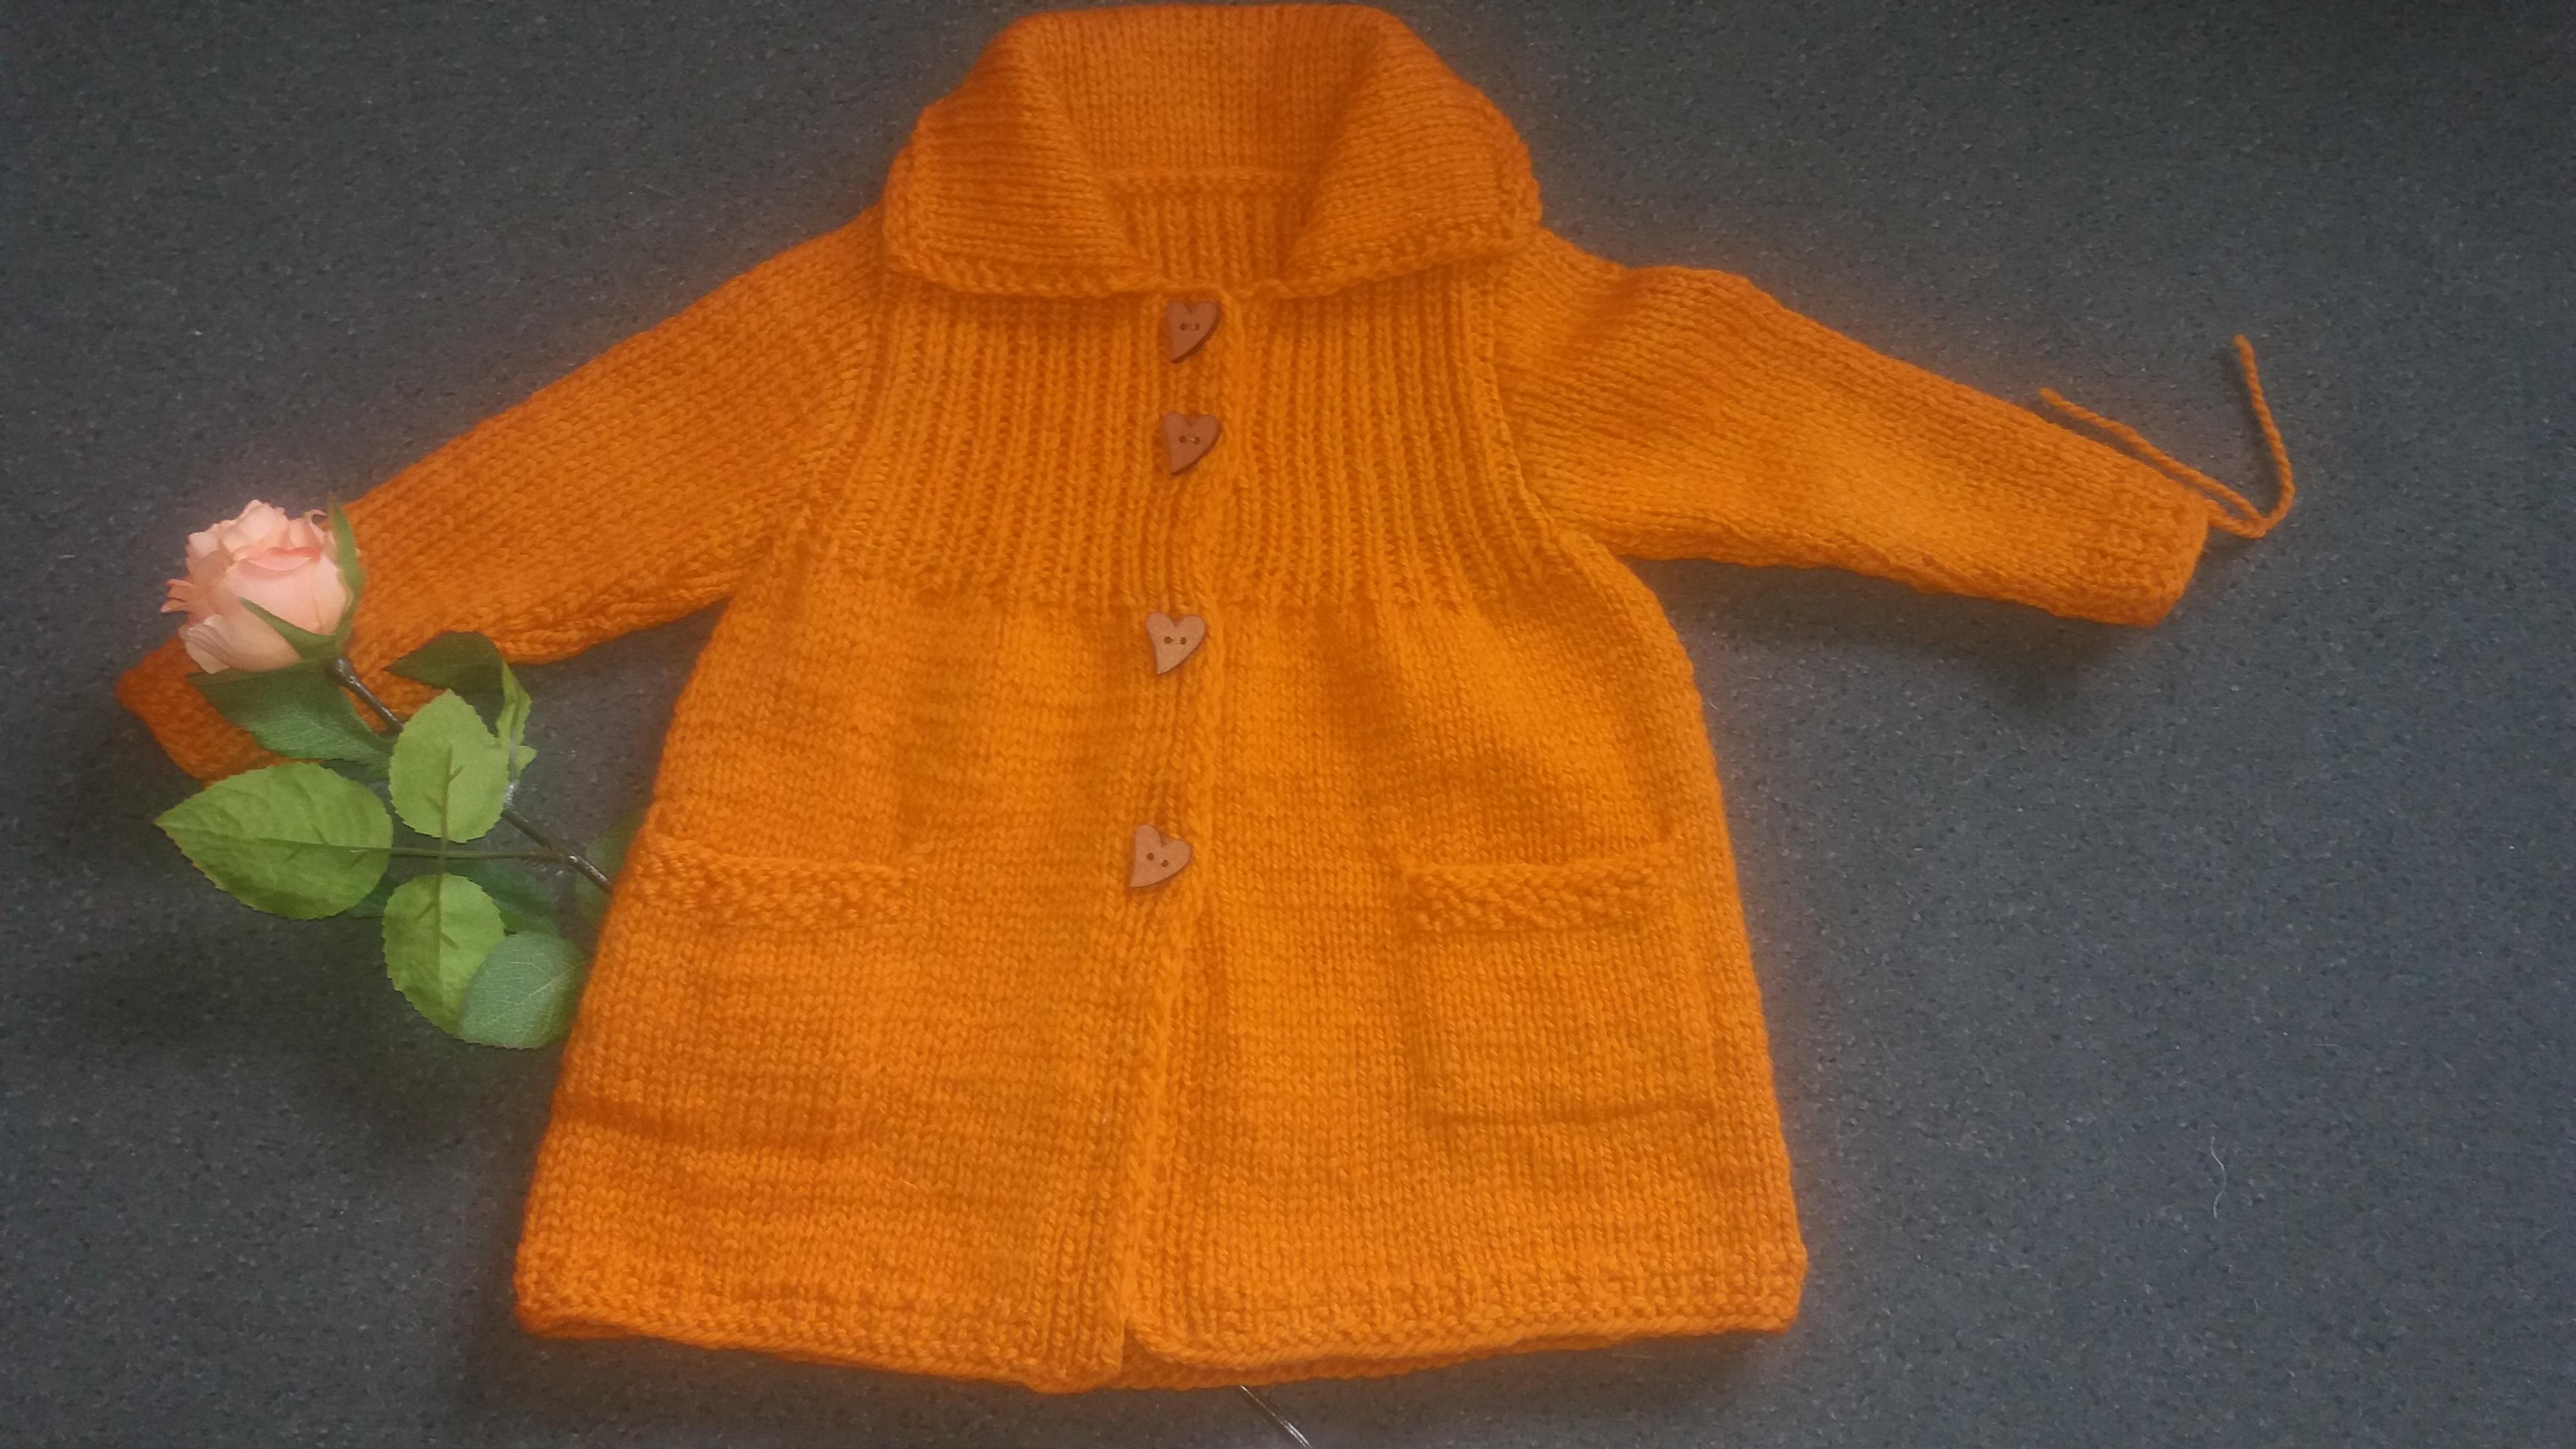 198f424a4fa Kootud pikk jakk | E-pood | Jollery-Bunny